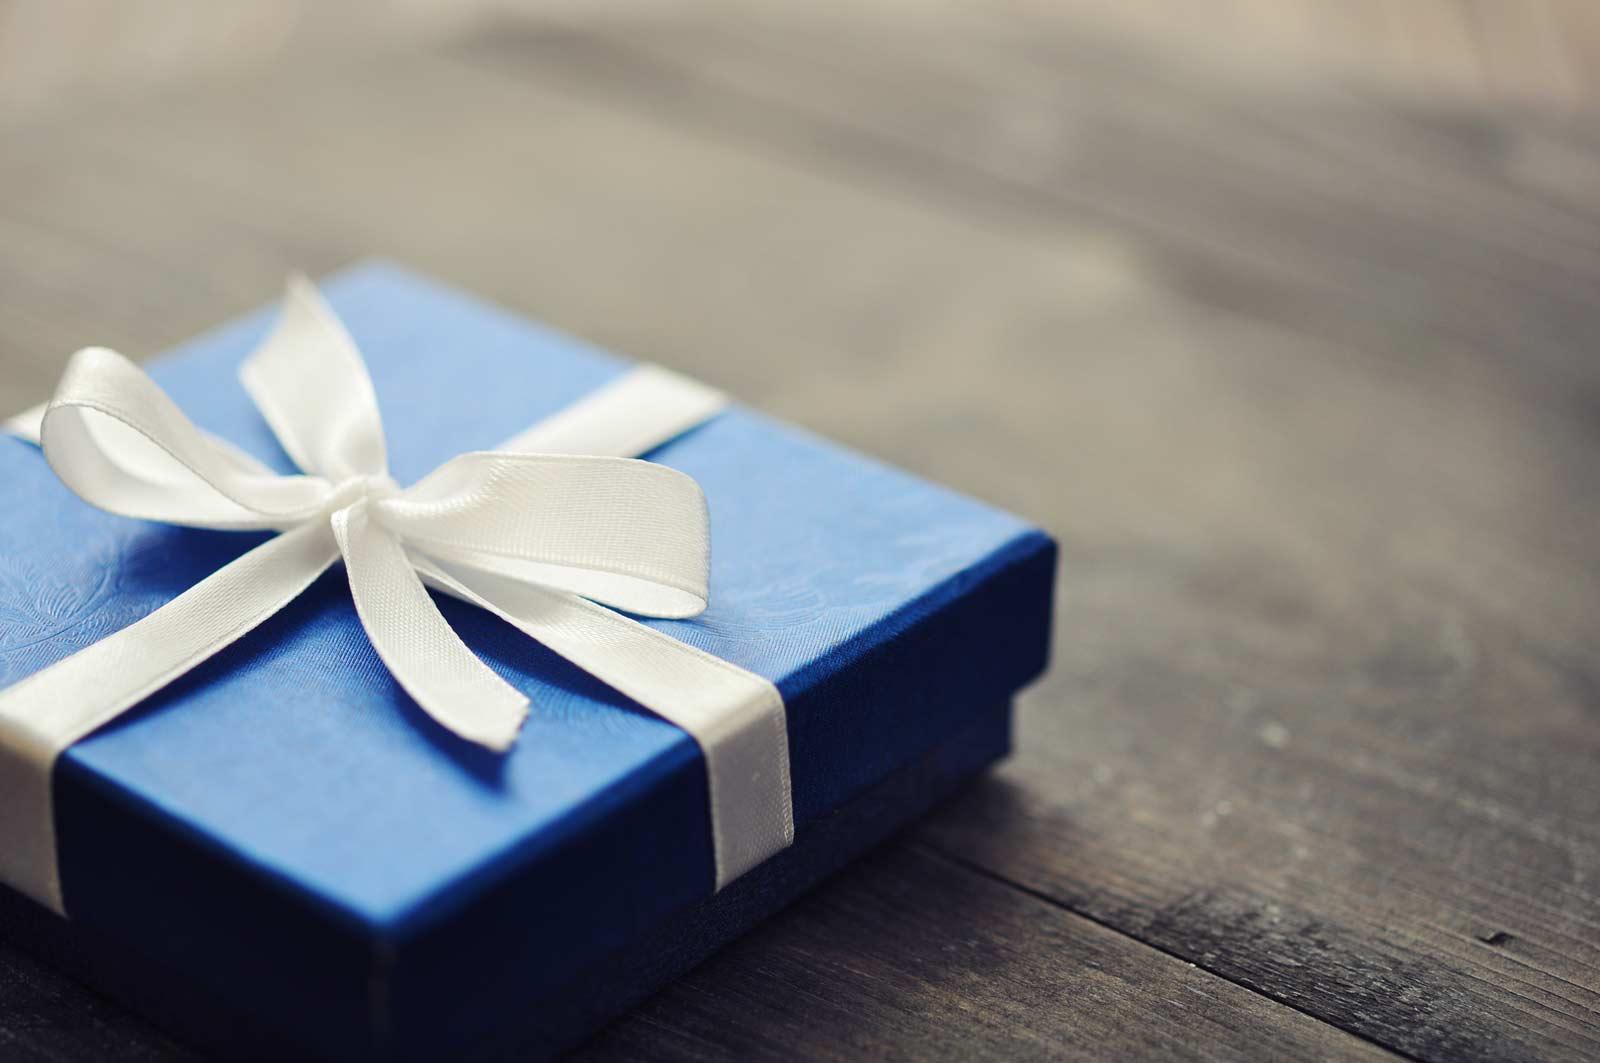 机の上に青いプレゼントBOXがのっている